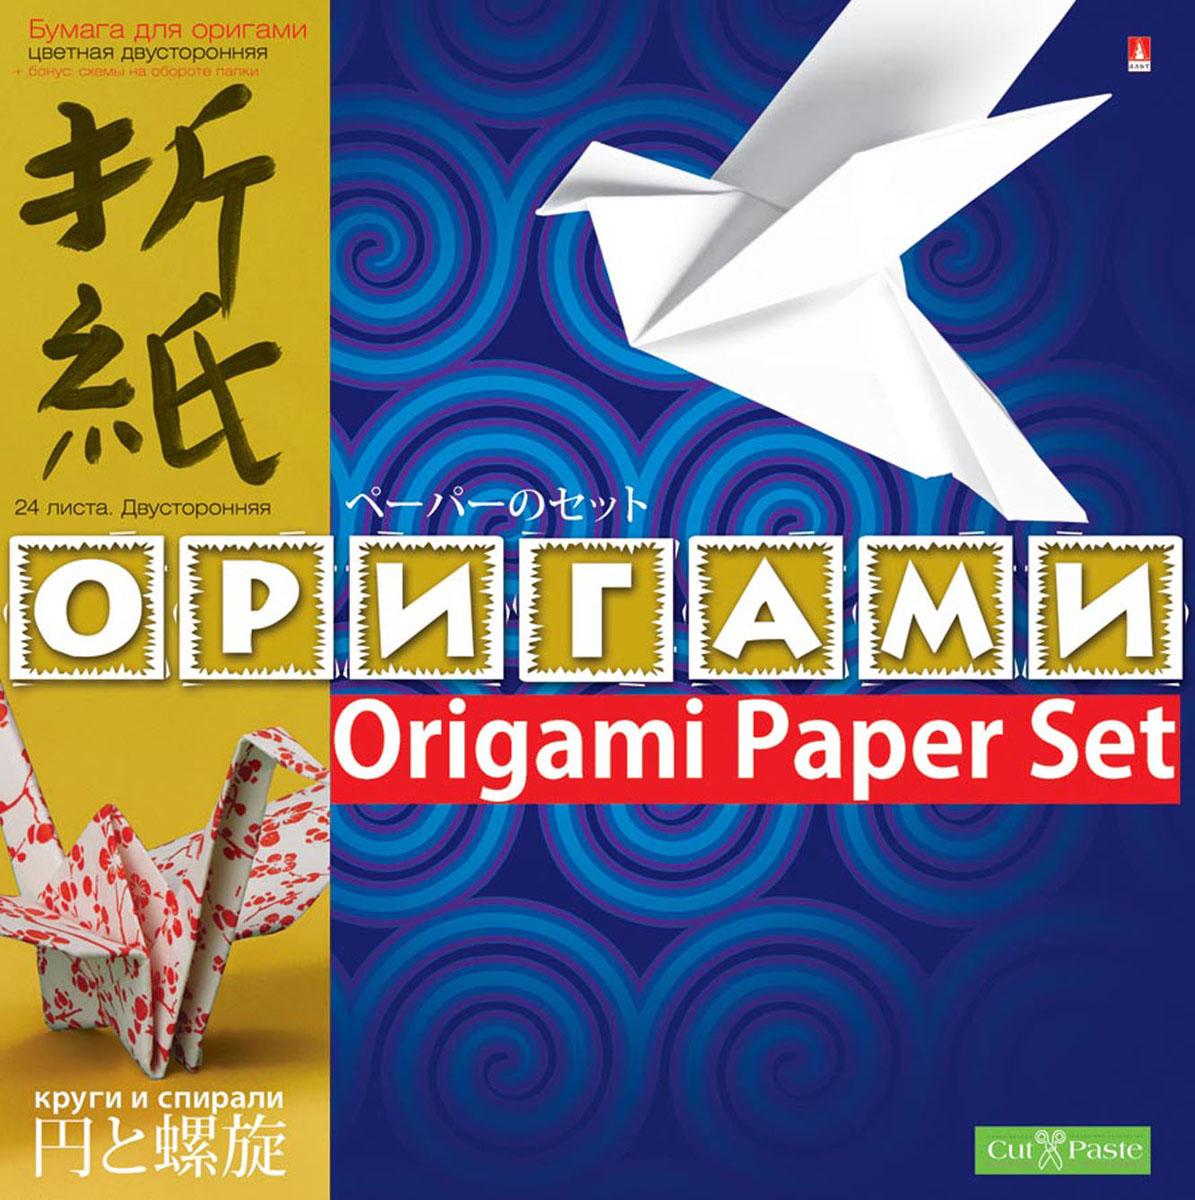 Набор цветной бумаги позволит создавать вашему ребенку своими руками оригинальное оригами. Набор состоит из 24 листов разных цветов. На обратной стороне папки приводится инструкции с фотографиями и рисунками по изготовлению оригами. Создание поделок из цветной бумаги позволяет ребенку развивать творческие способности, кроме того, это увлекательный досуг.